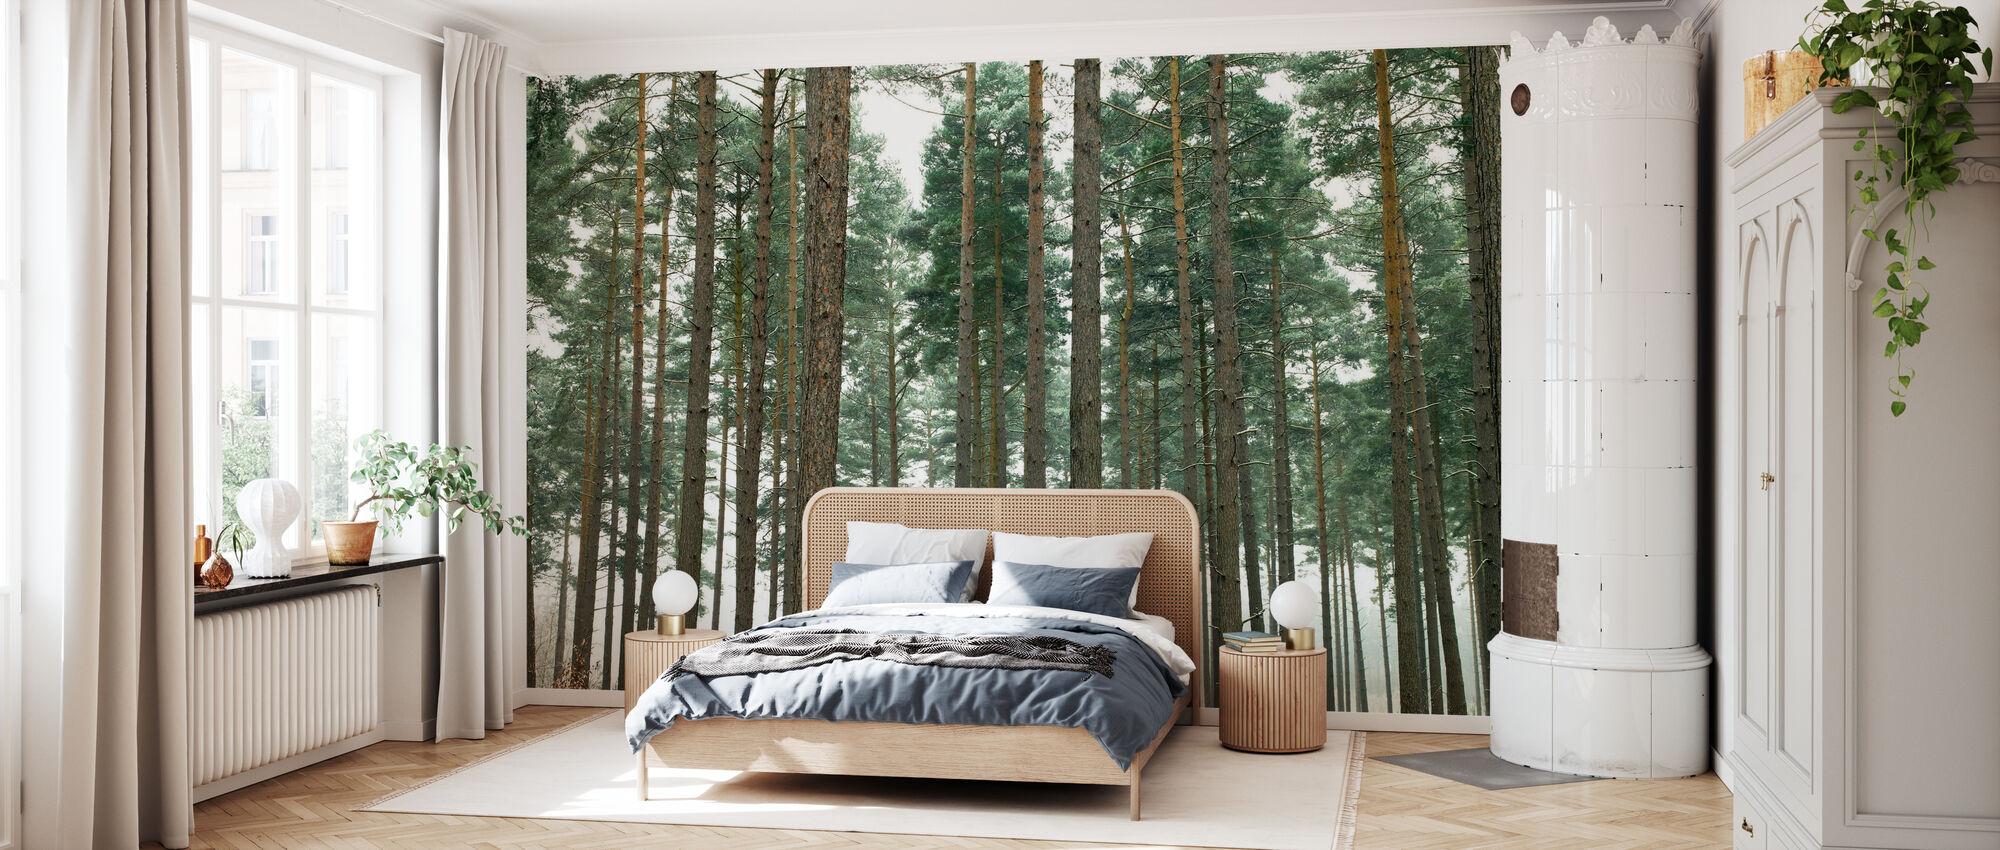 Pine Forest - Wallpaper - Bedroom